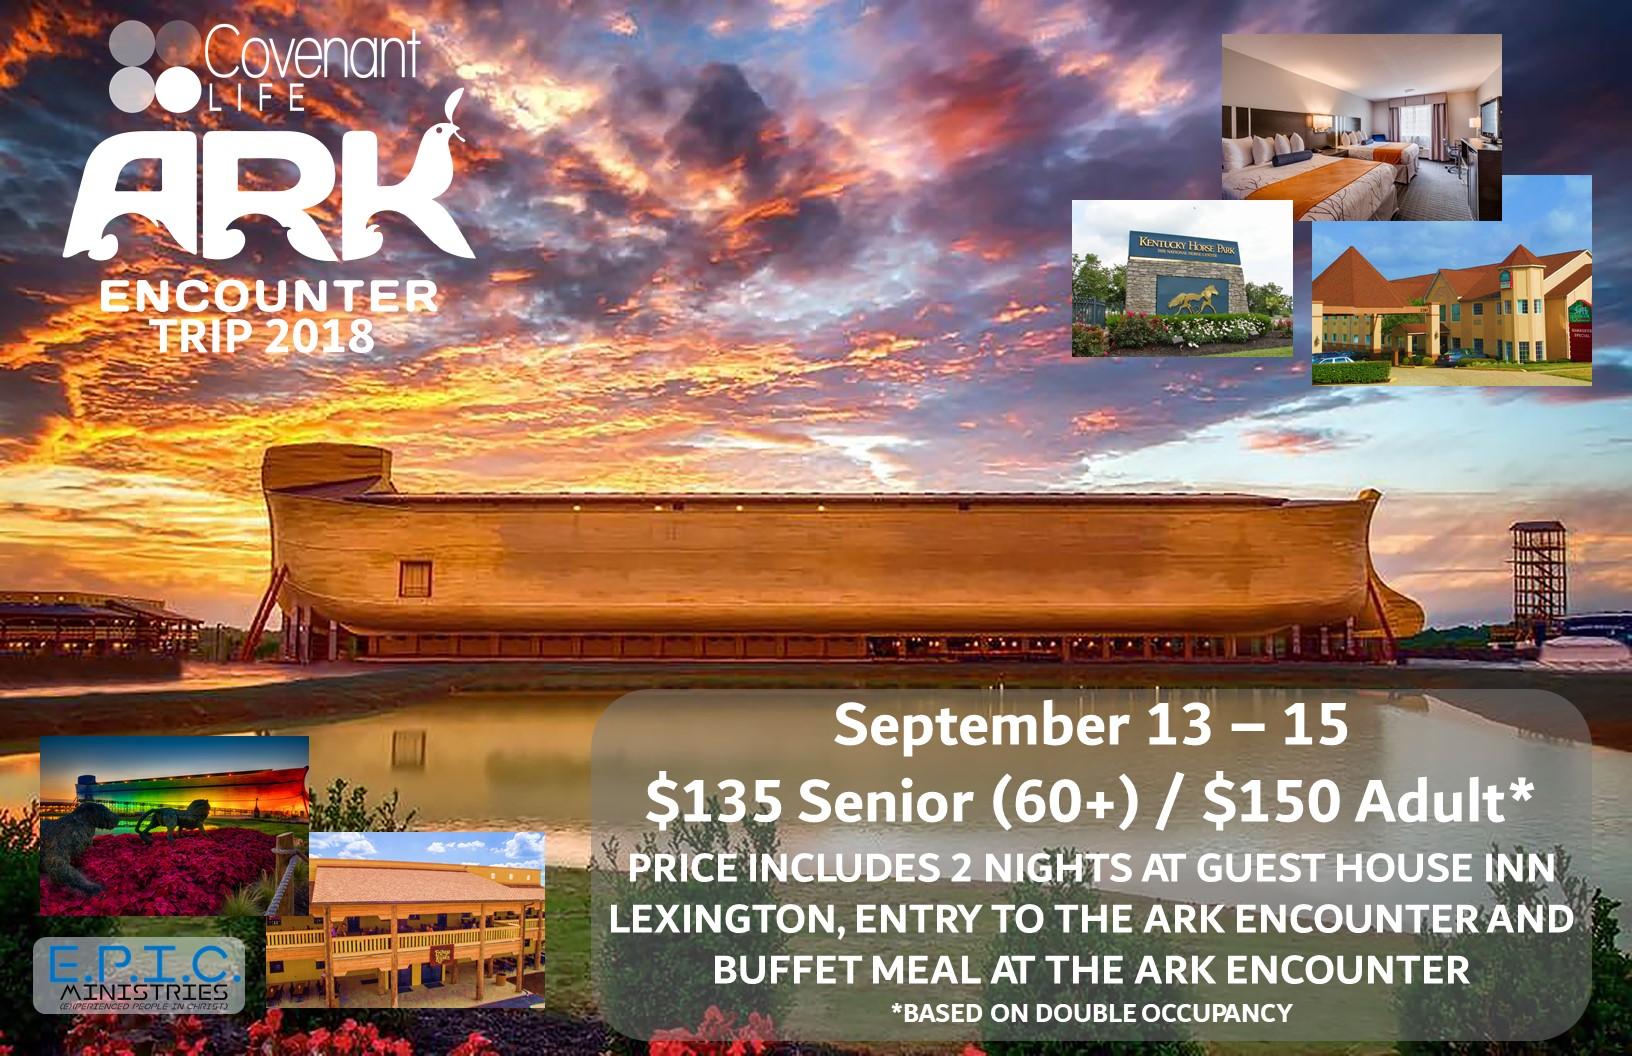 Ark encounter poster